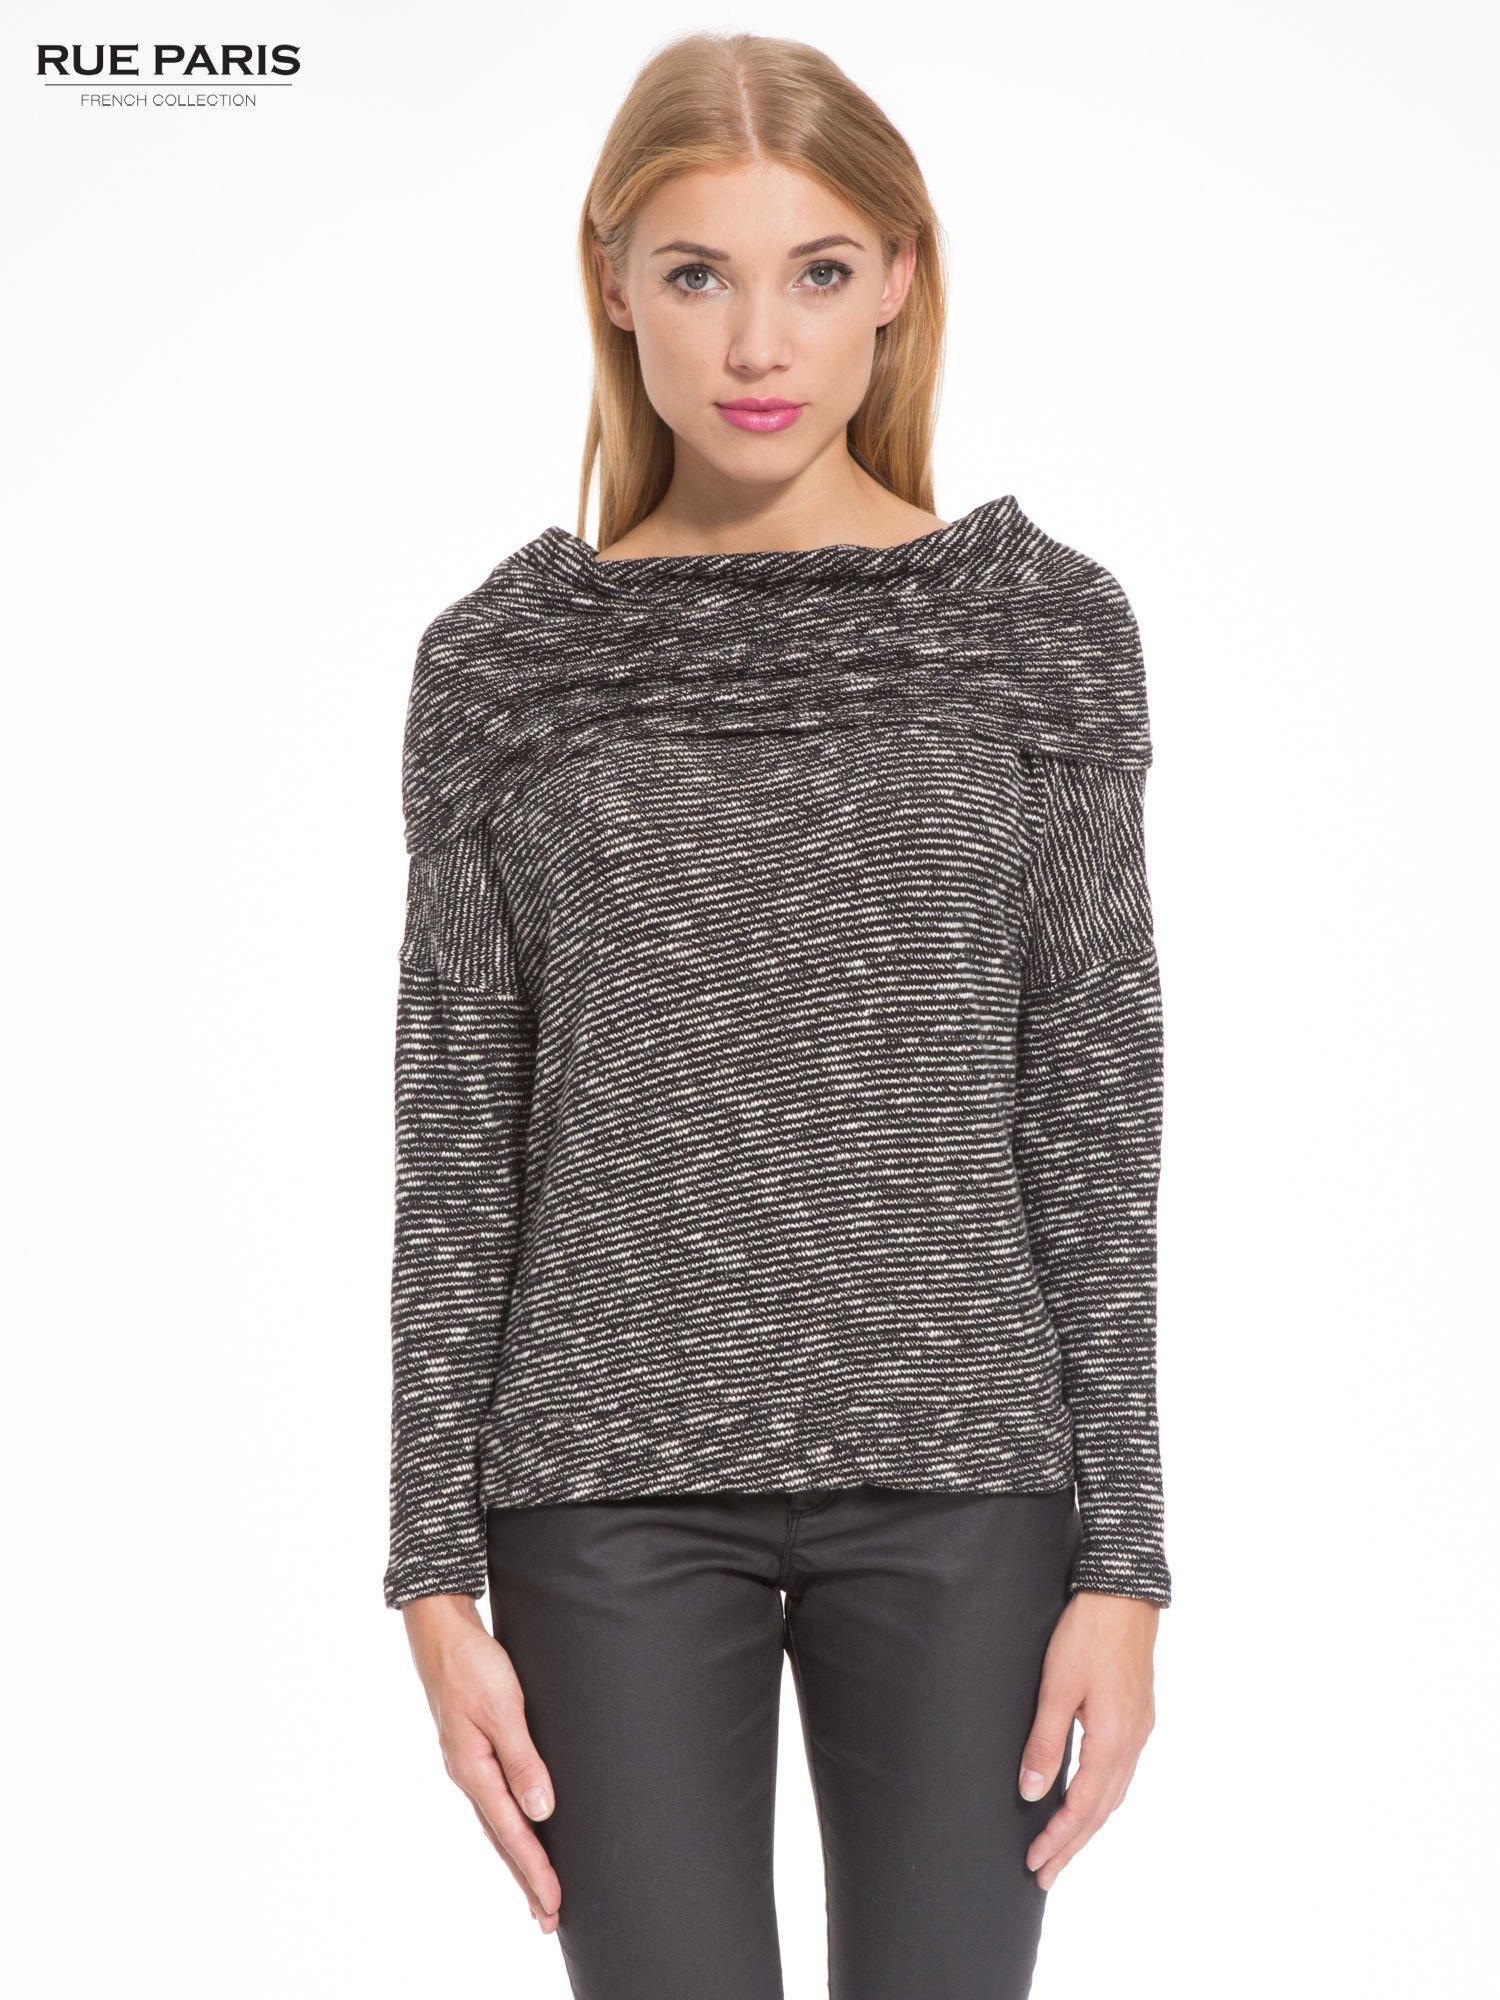 Czarny melanżowy sweter z ozdobnym kołnierzogolfem                                  zdj.                                  1